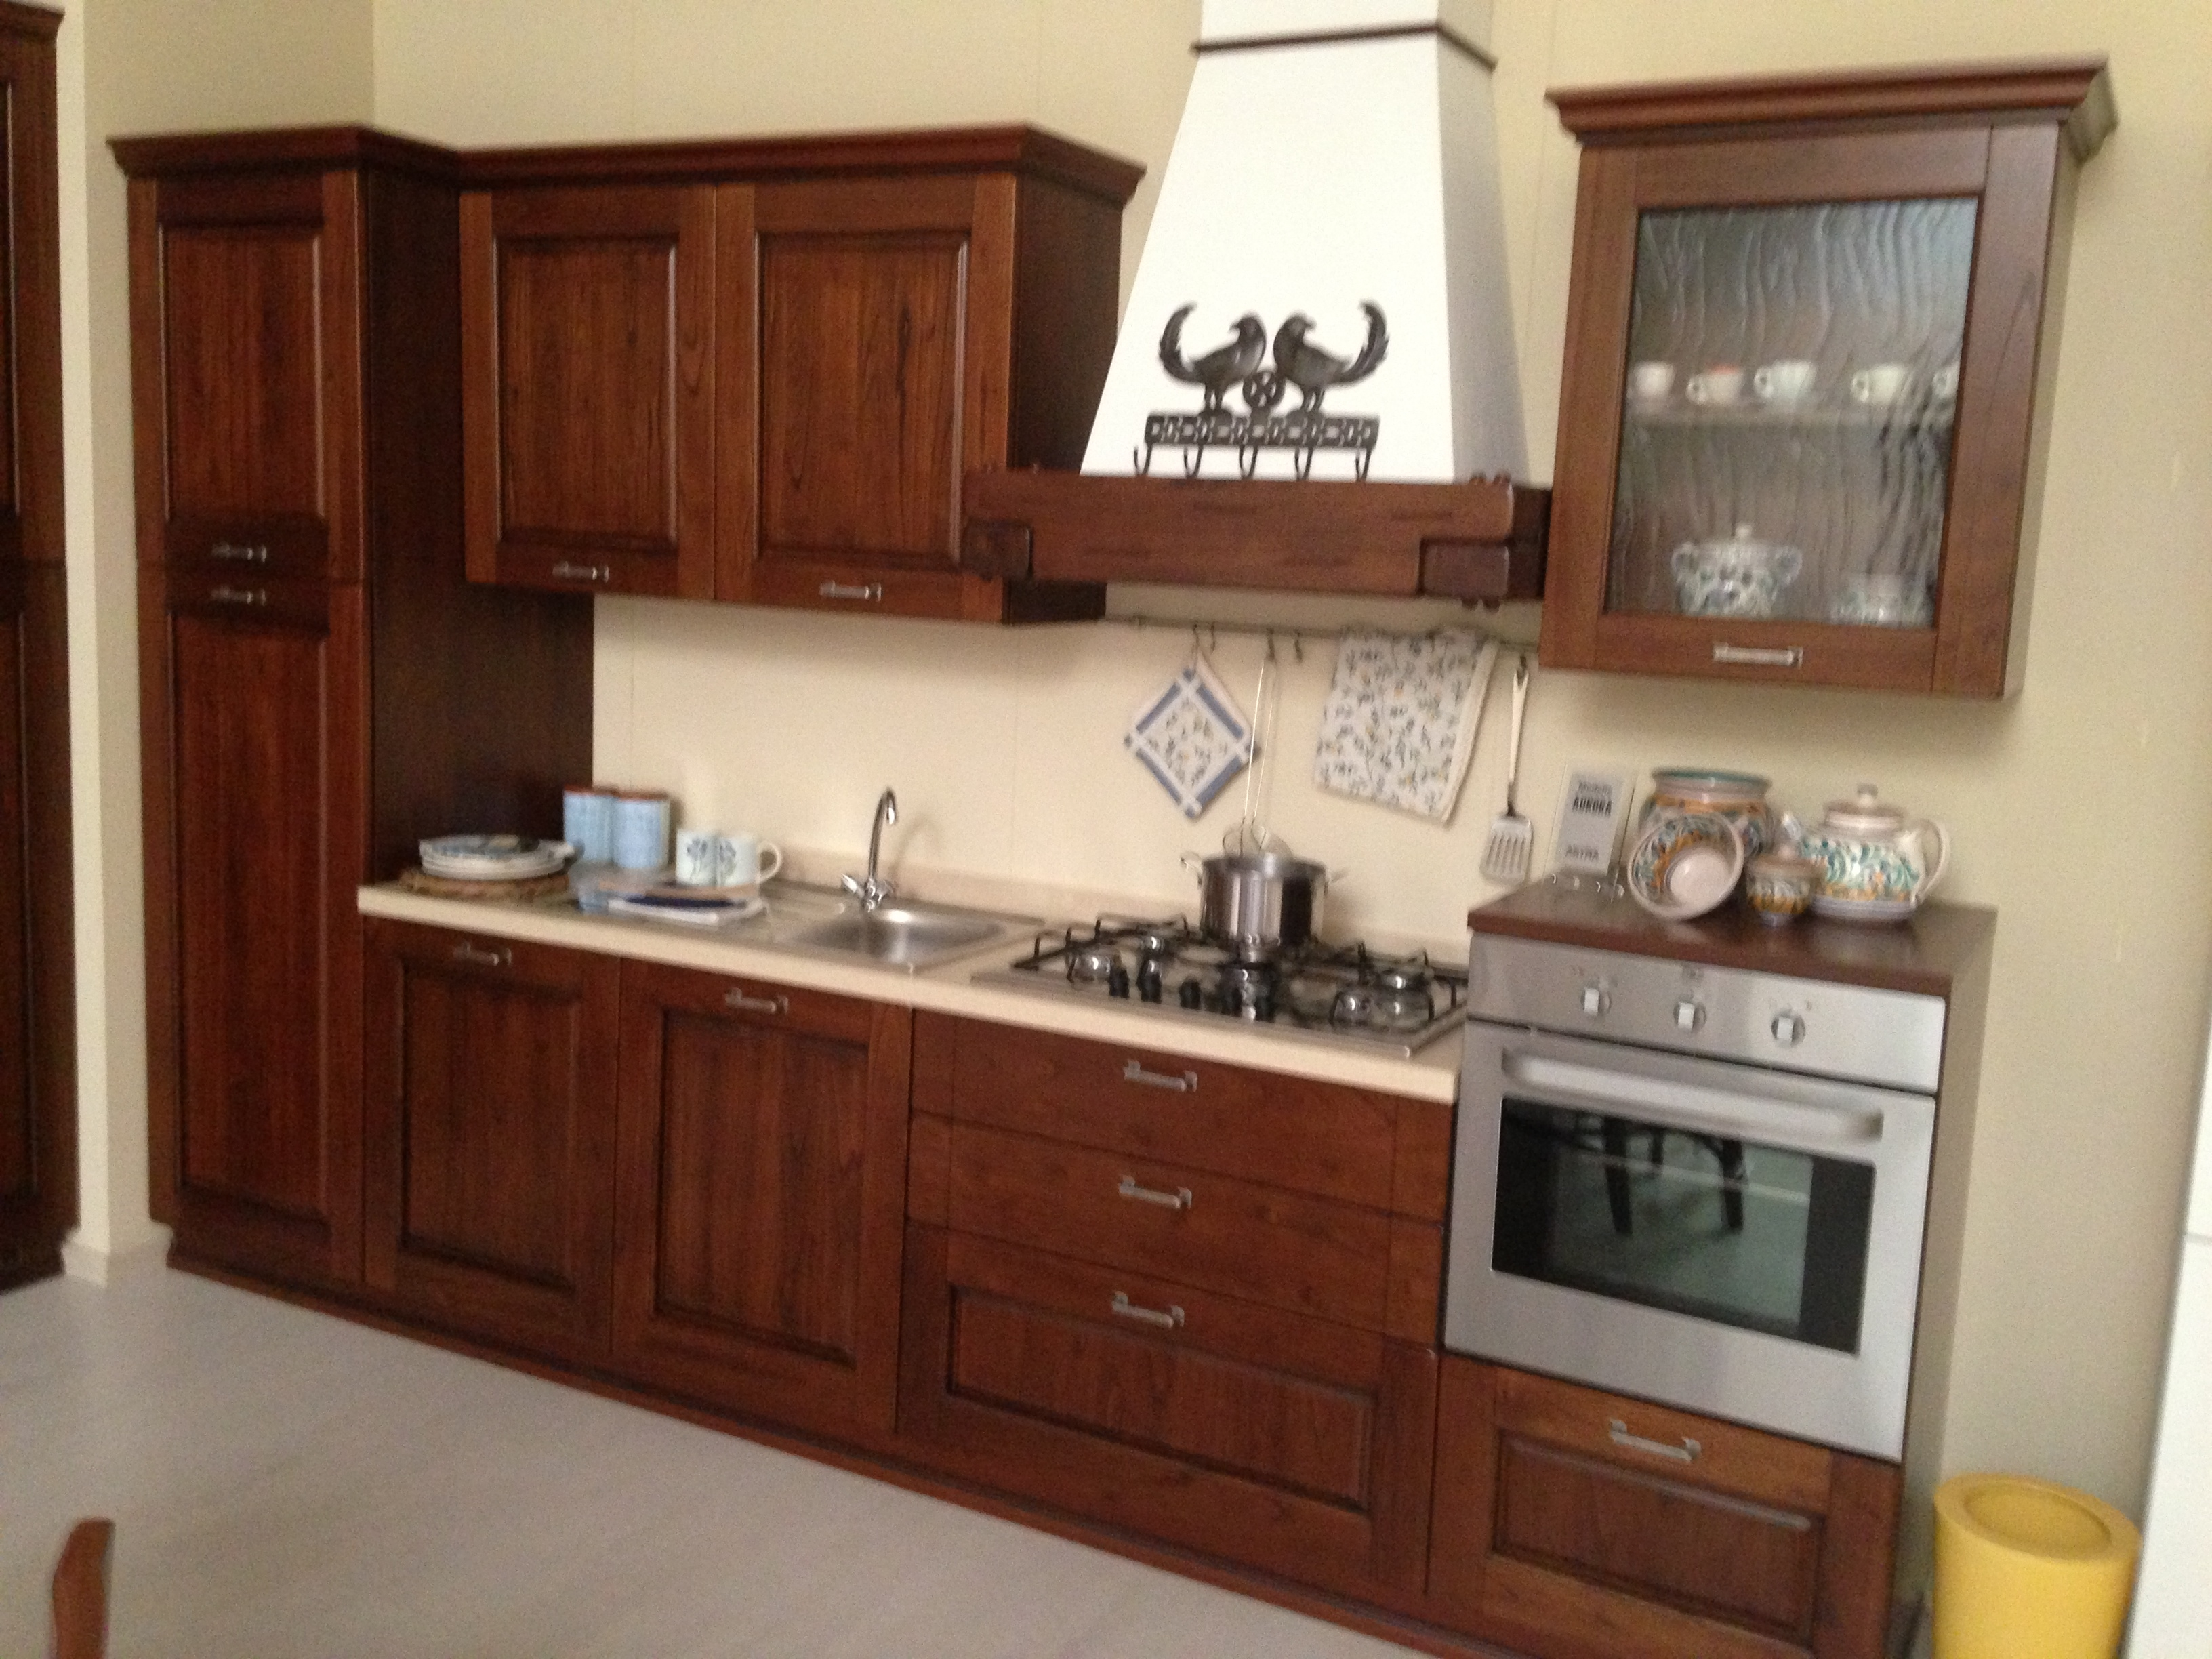 Cucina classica cm330 cucine a prezzi scontati - Colori pareti cucina classica ...